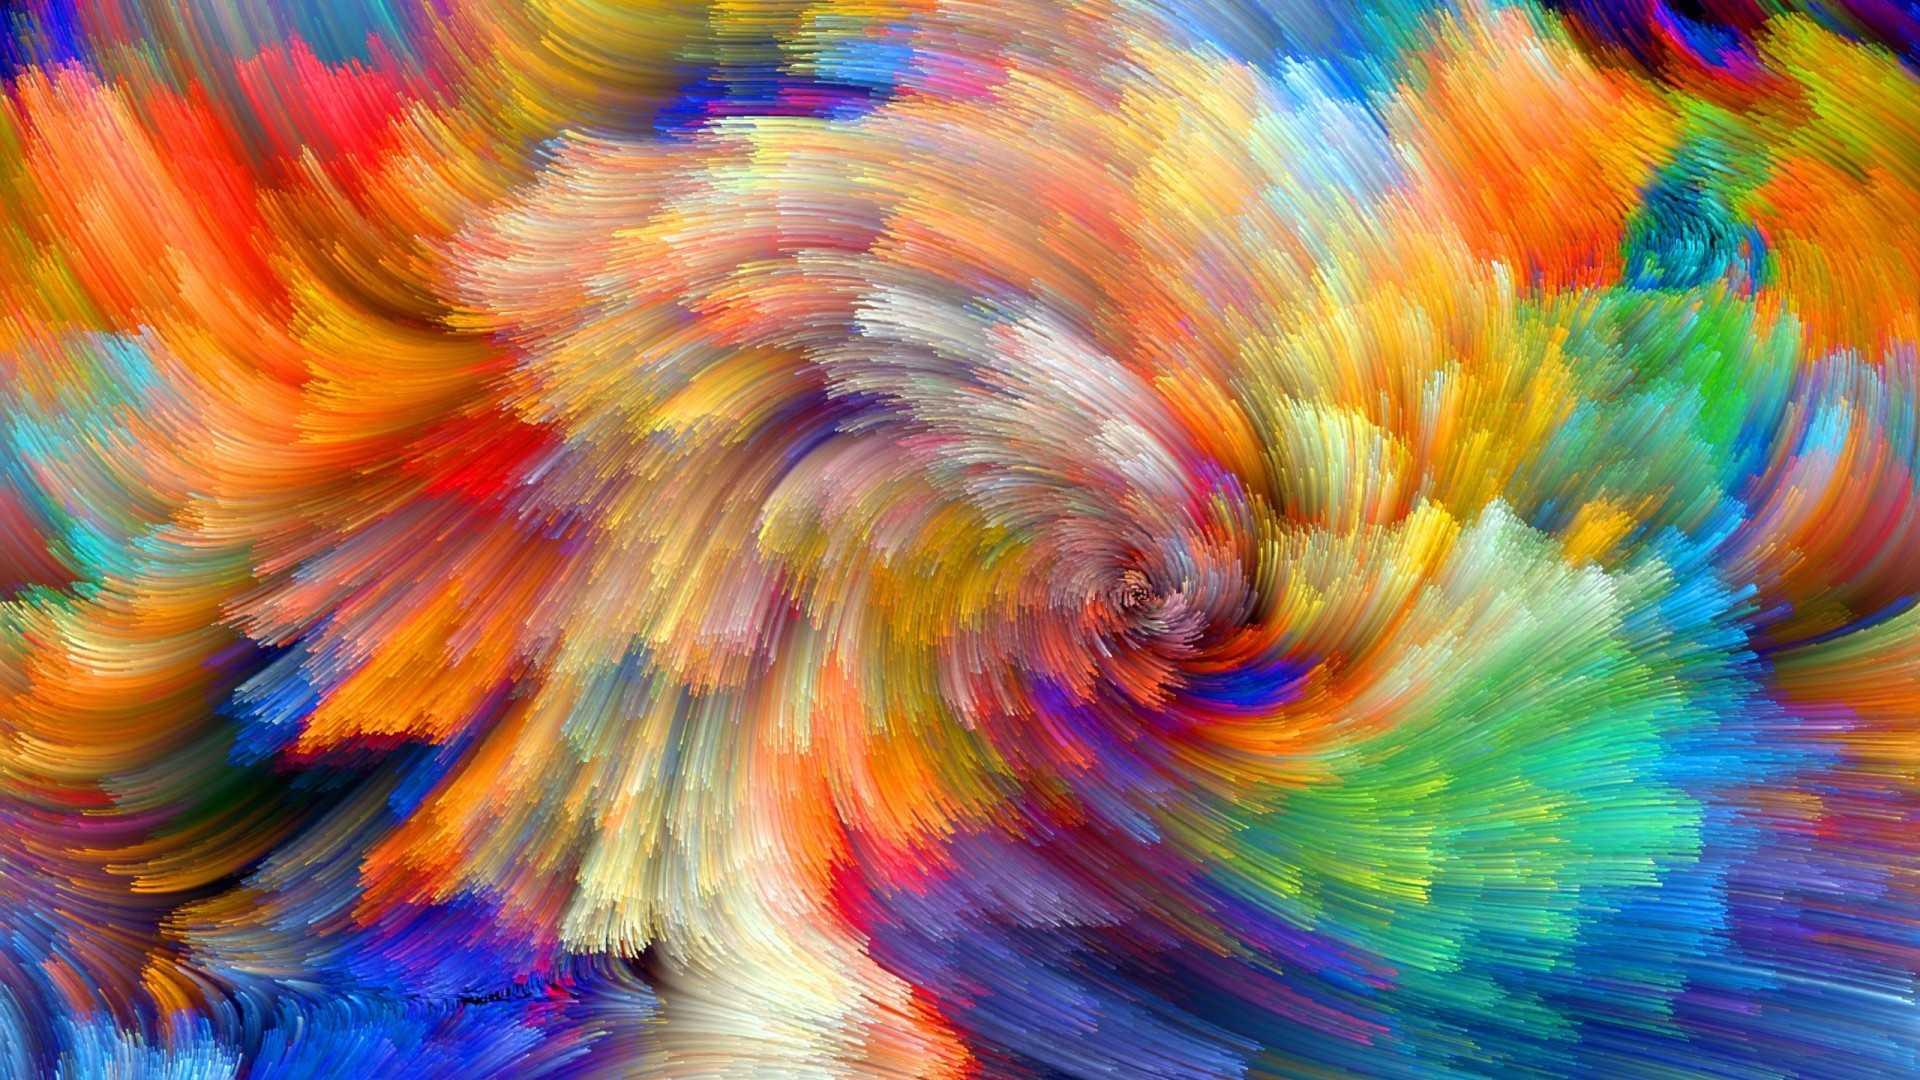 کنتراست رنگ برای طراحان وب